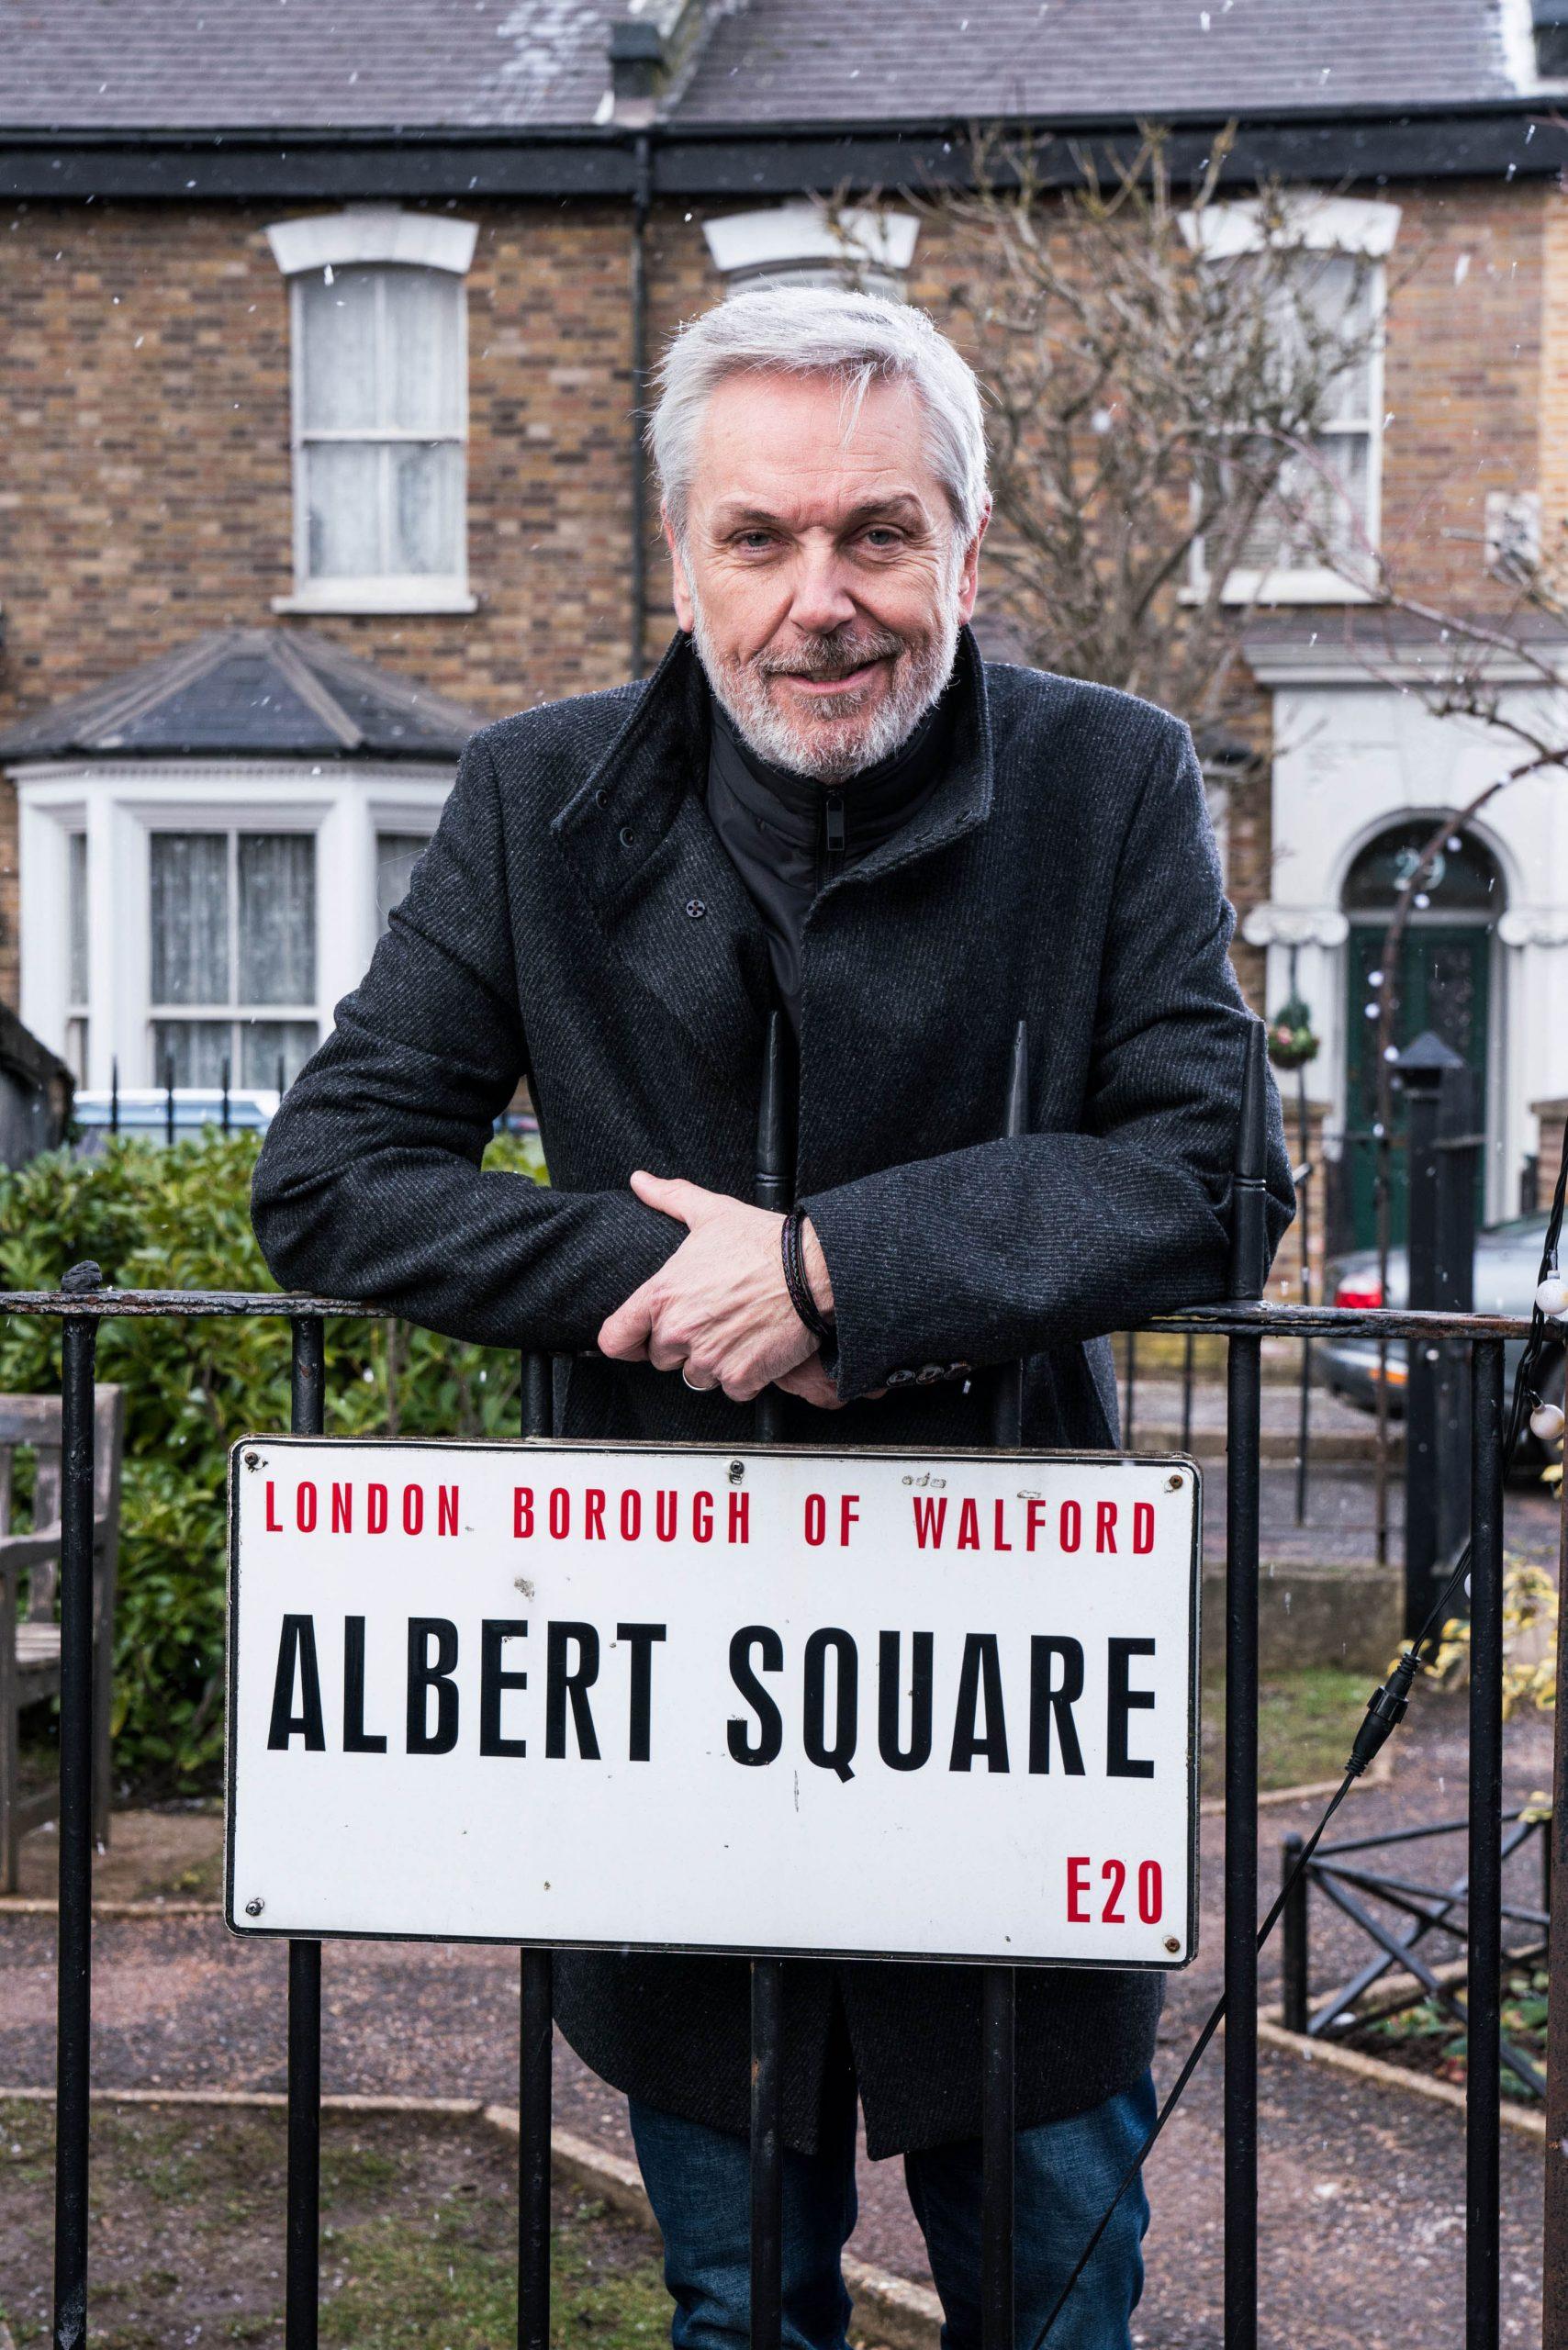 EastEnders le da la bienvenida a Brian Conley como el padre perdido de Sonia Fowler